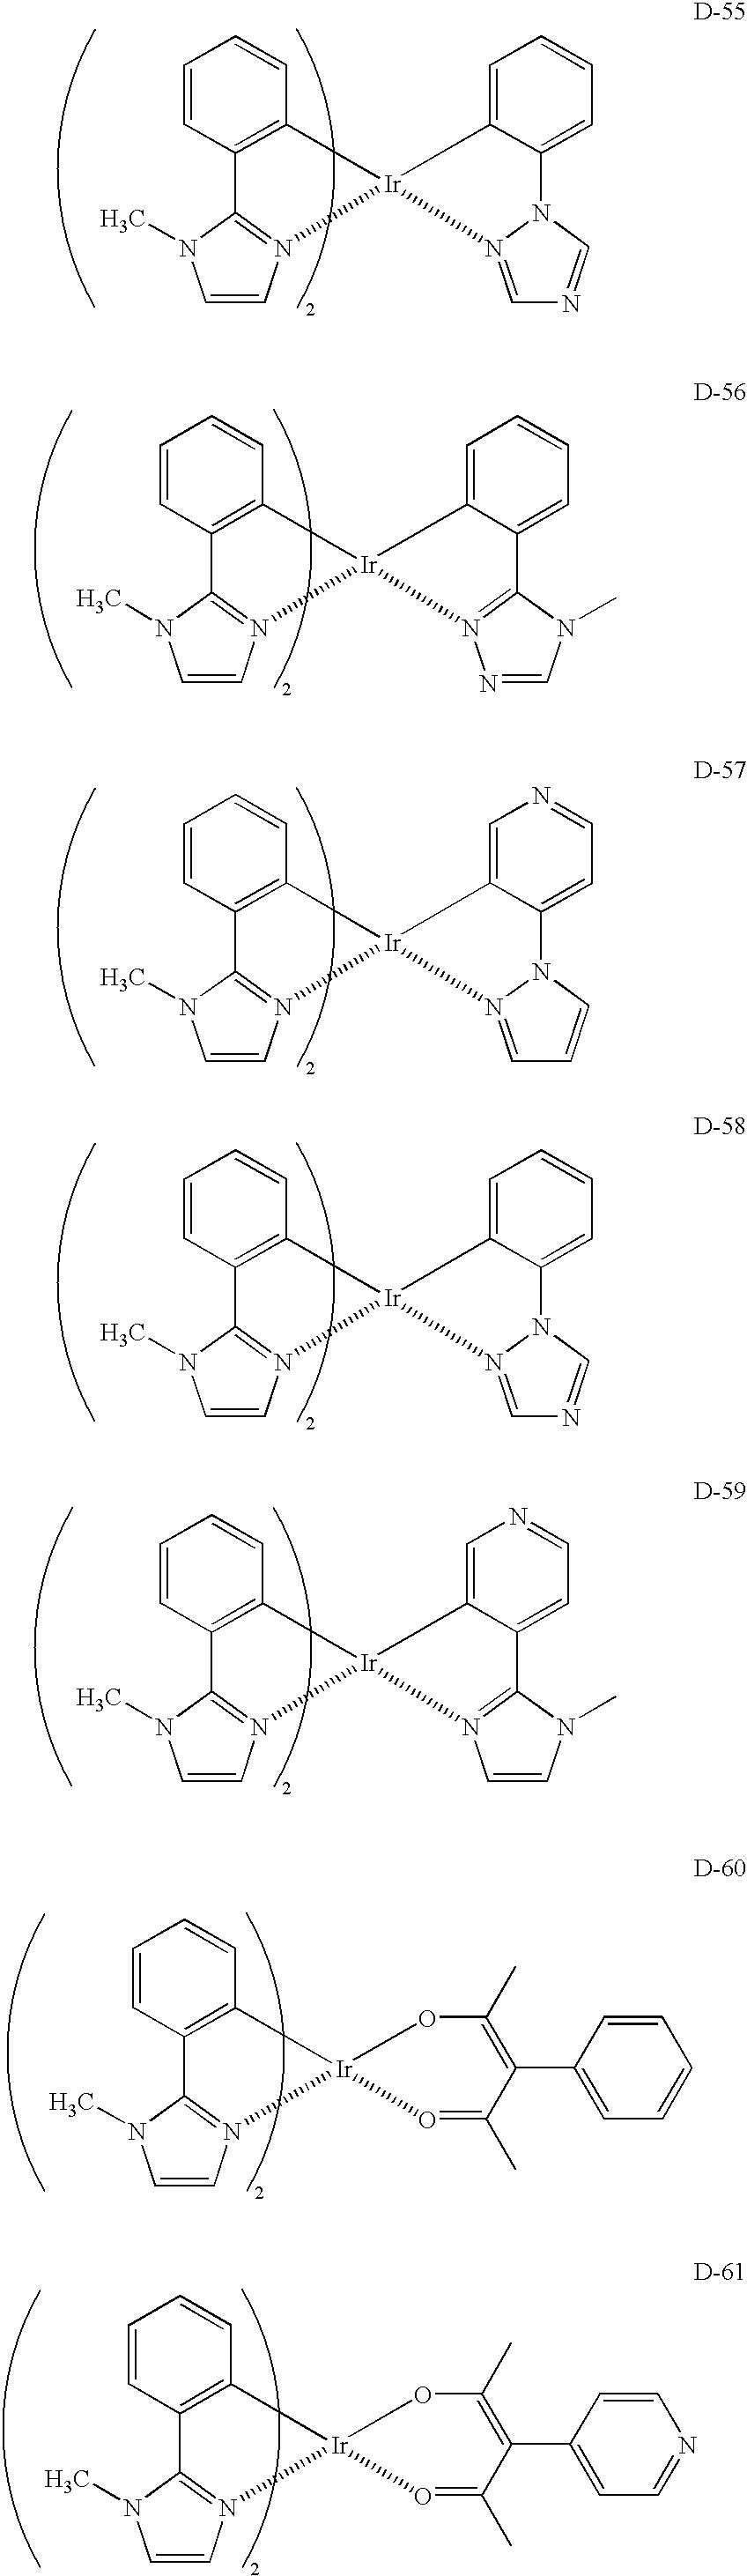 Figure US07504657-20090317-C00014